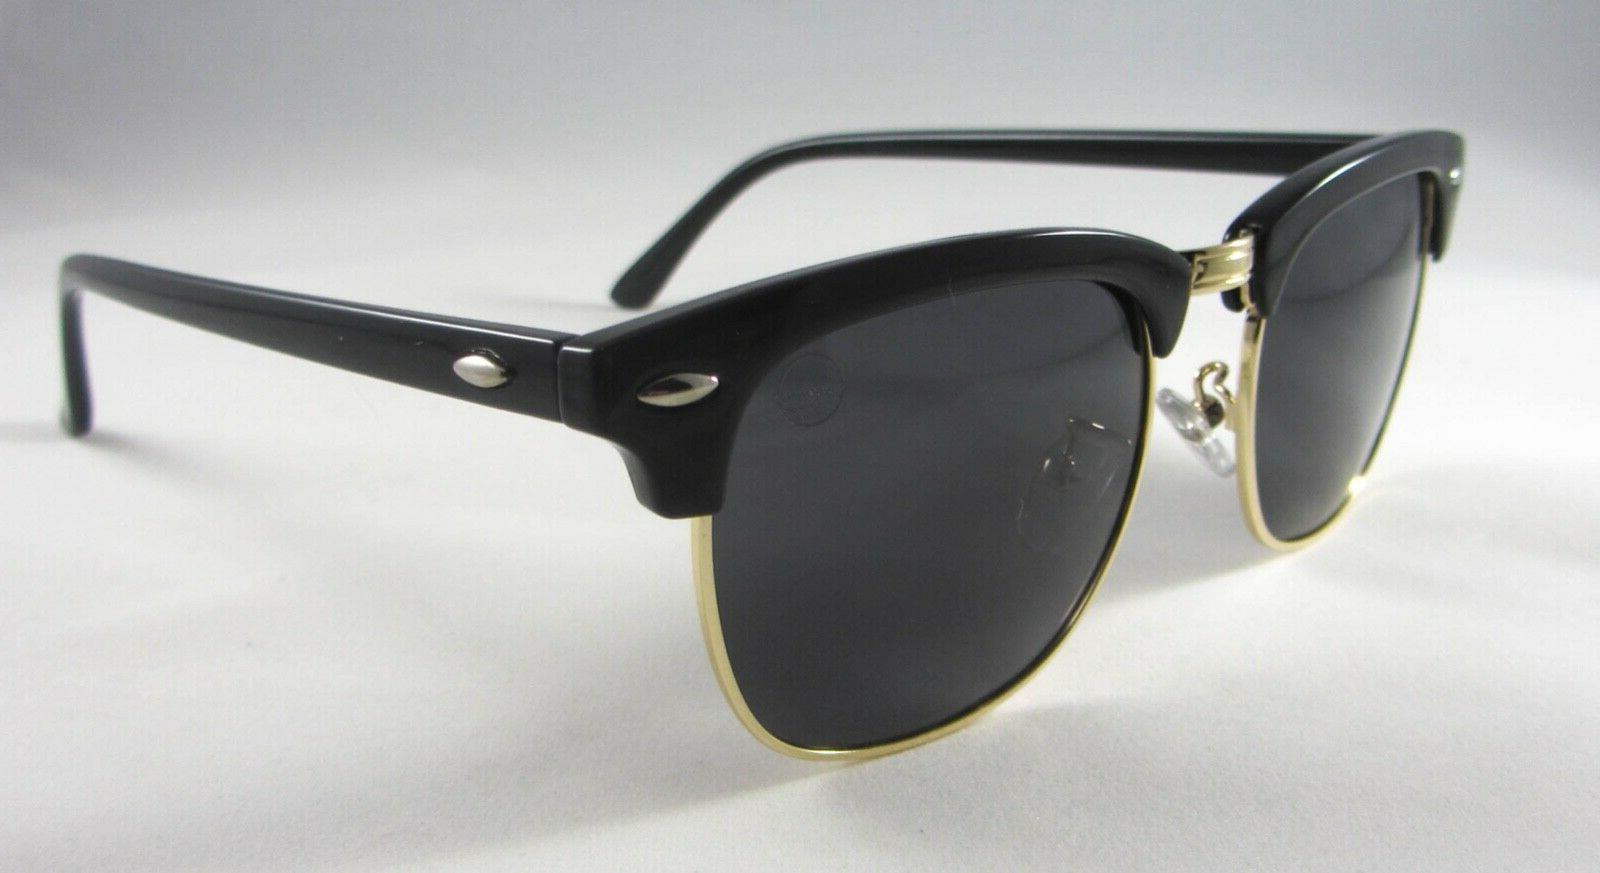 Dimsun Classic Eyewear: Polarized Black/Gold Premium